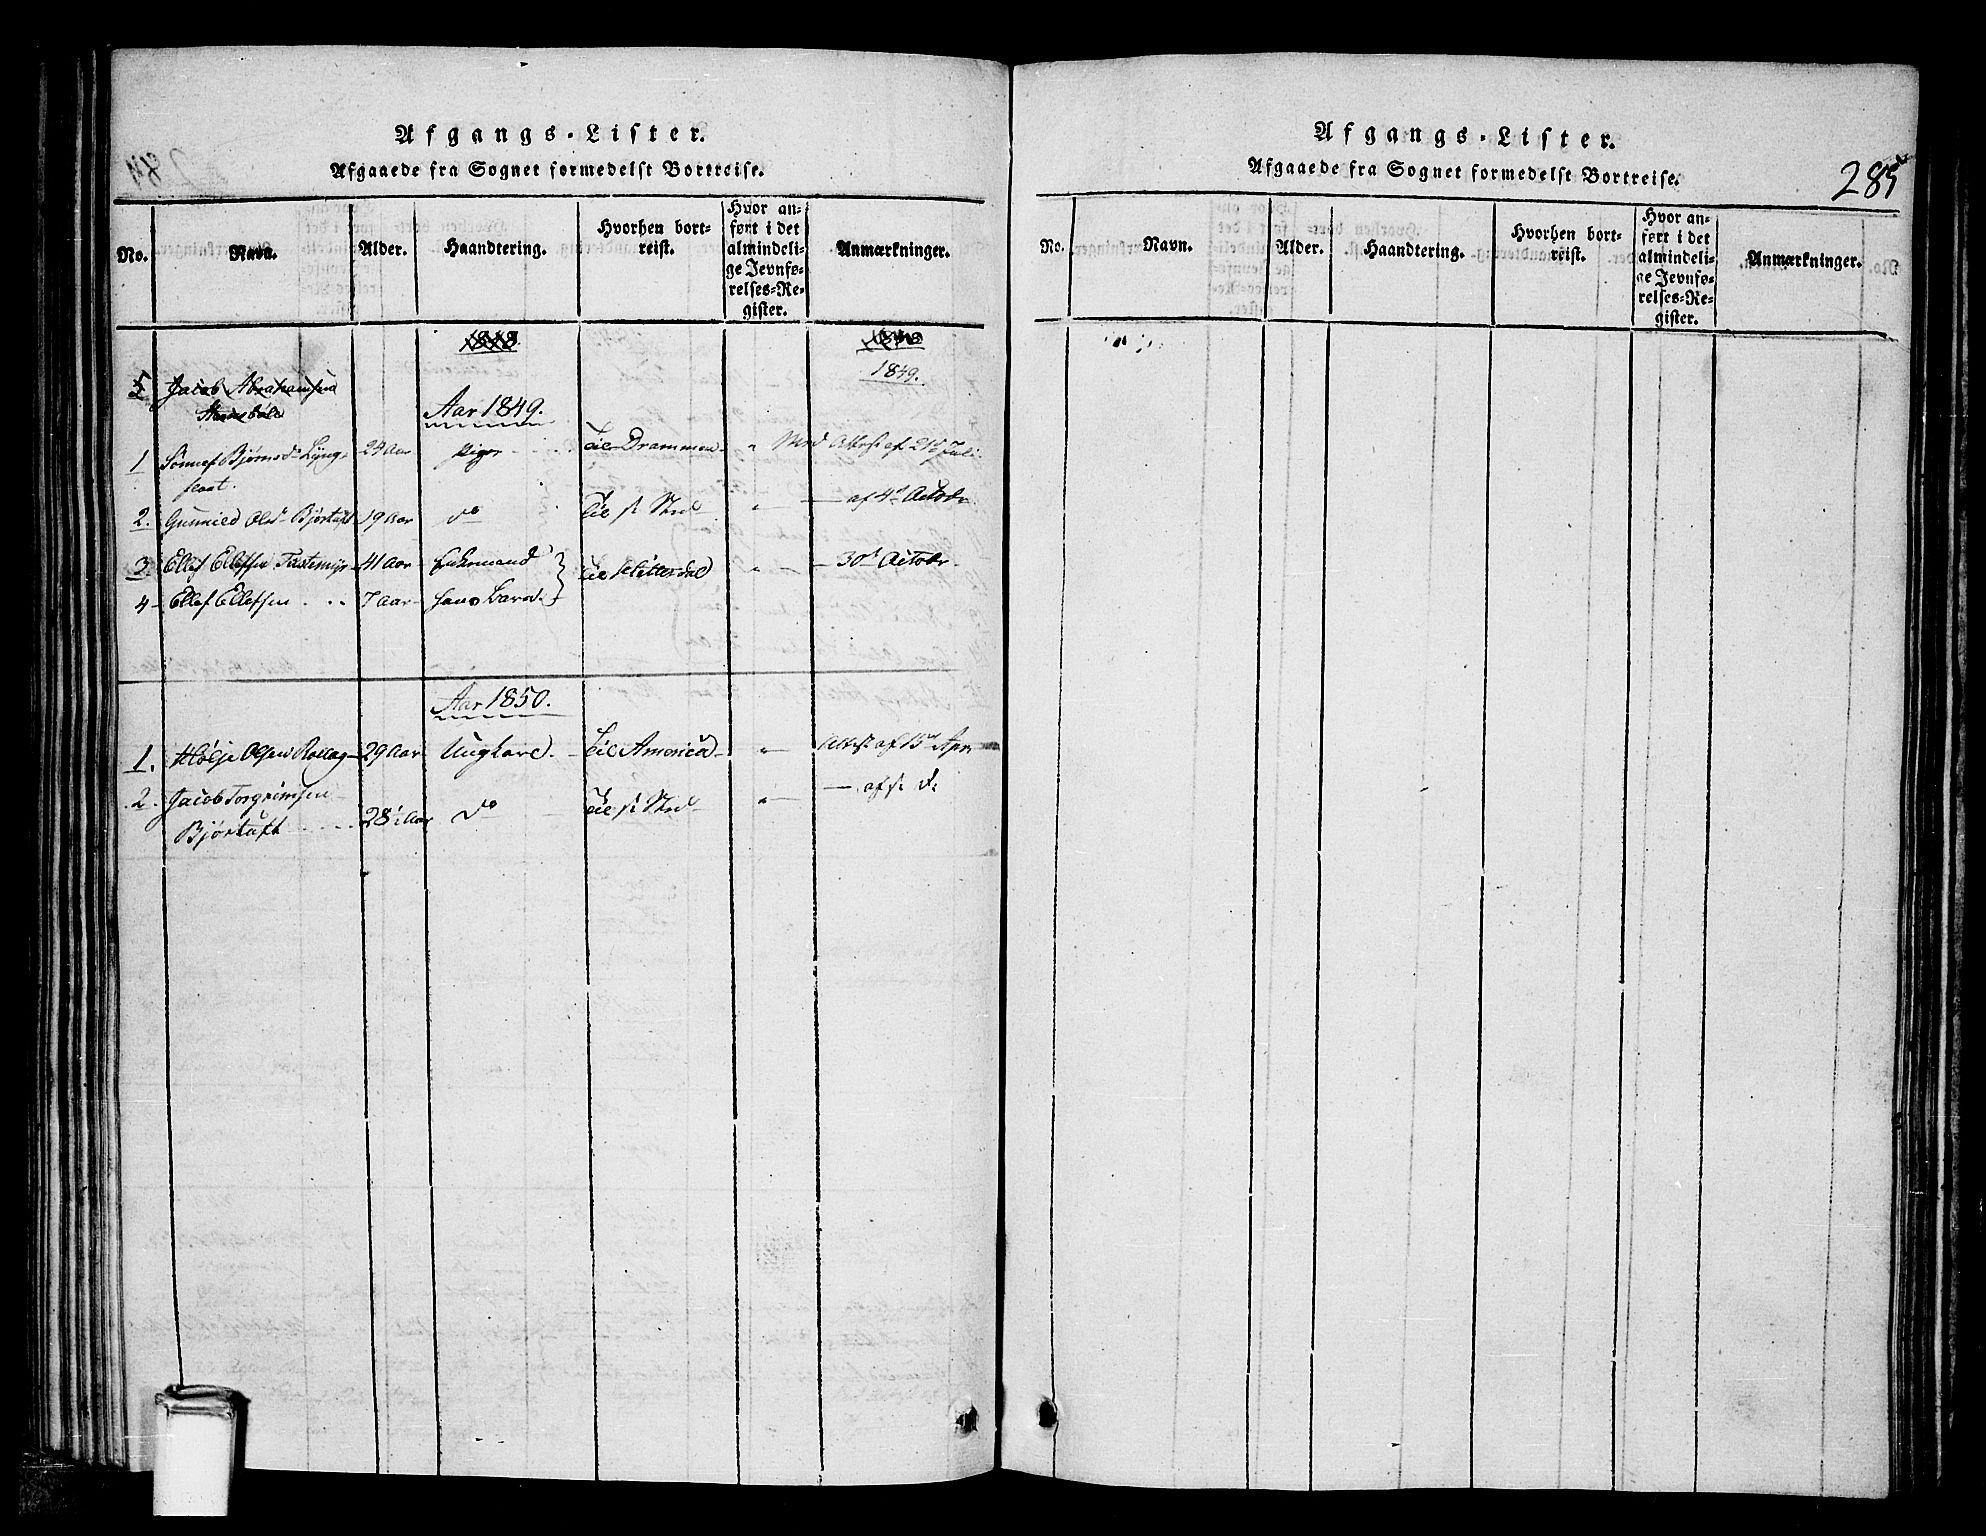 SAKO, Tinn kirkebøker, G/Gb/L0001: Klokkerbok nr. II 1 /1, 1815-1850, s. 285